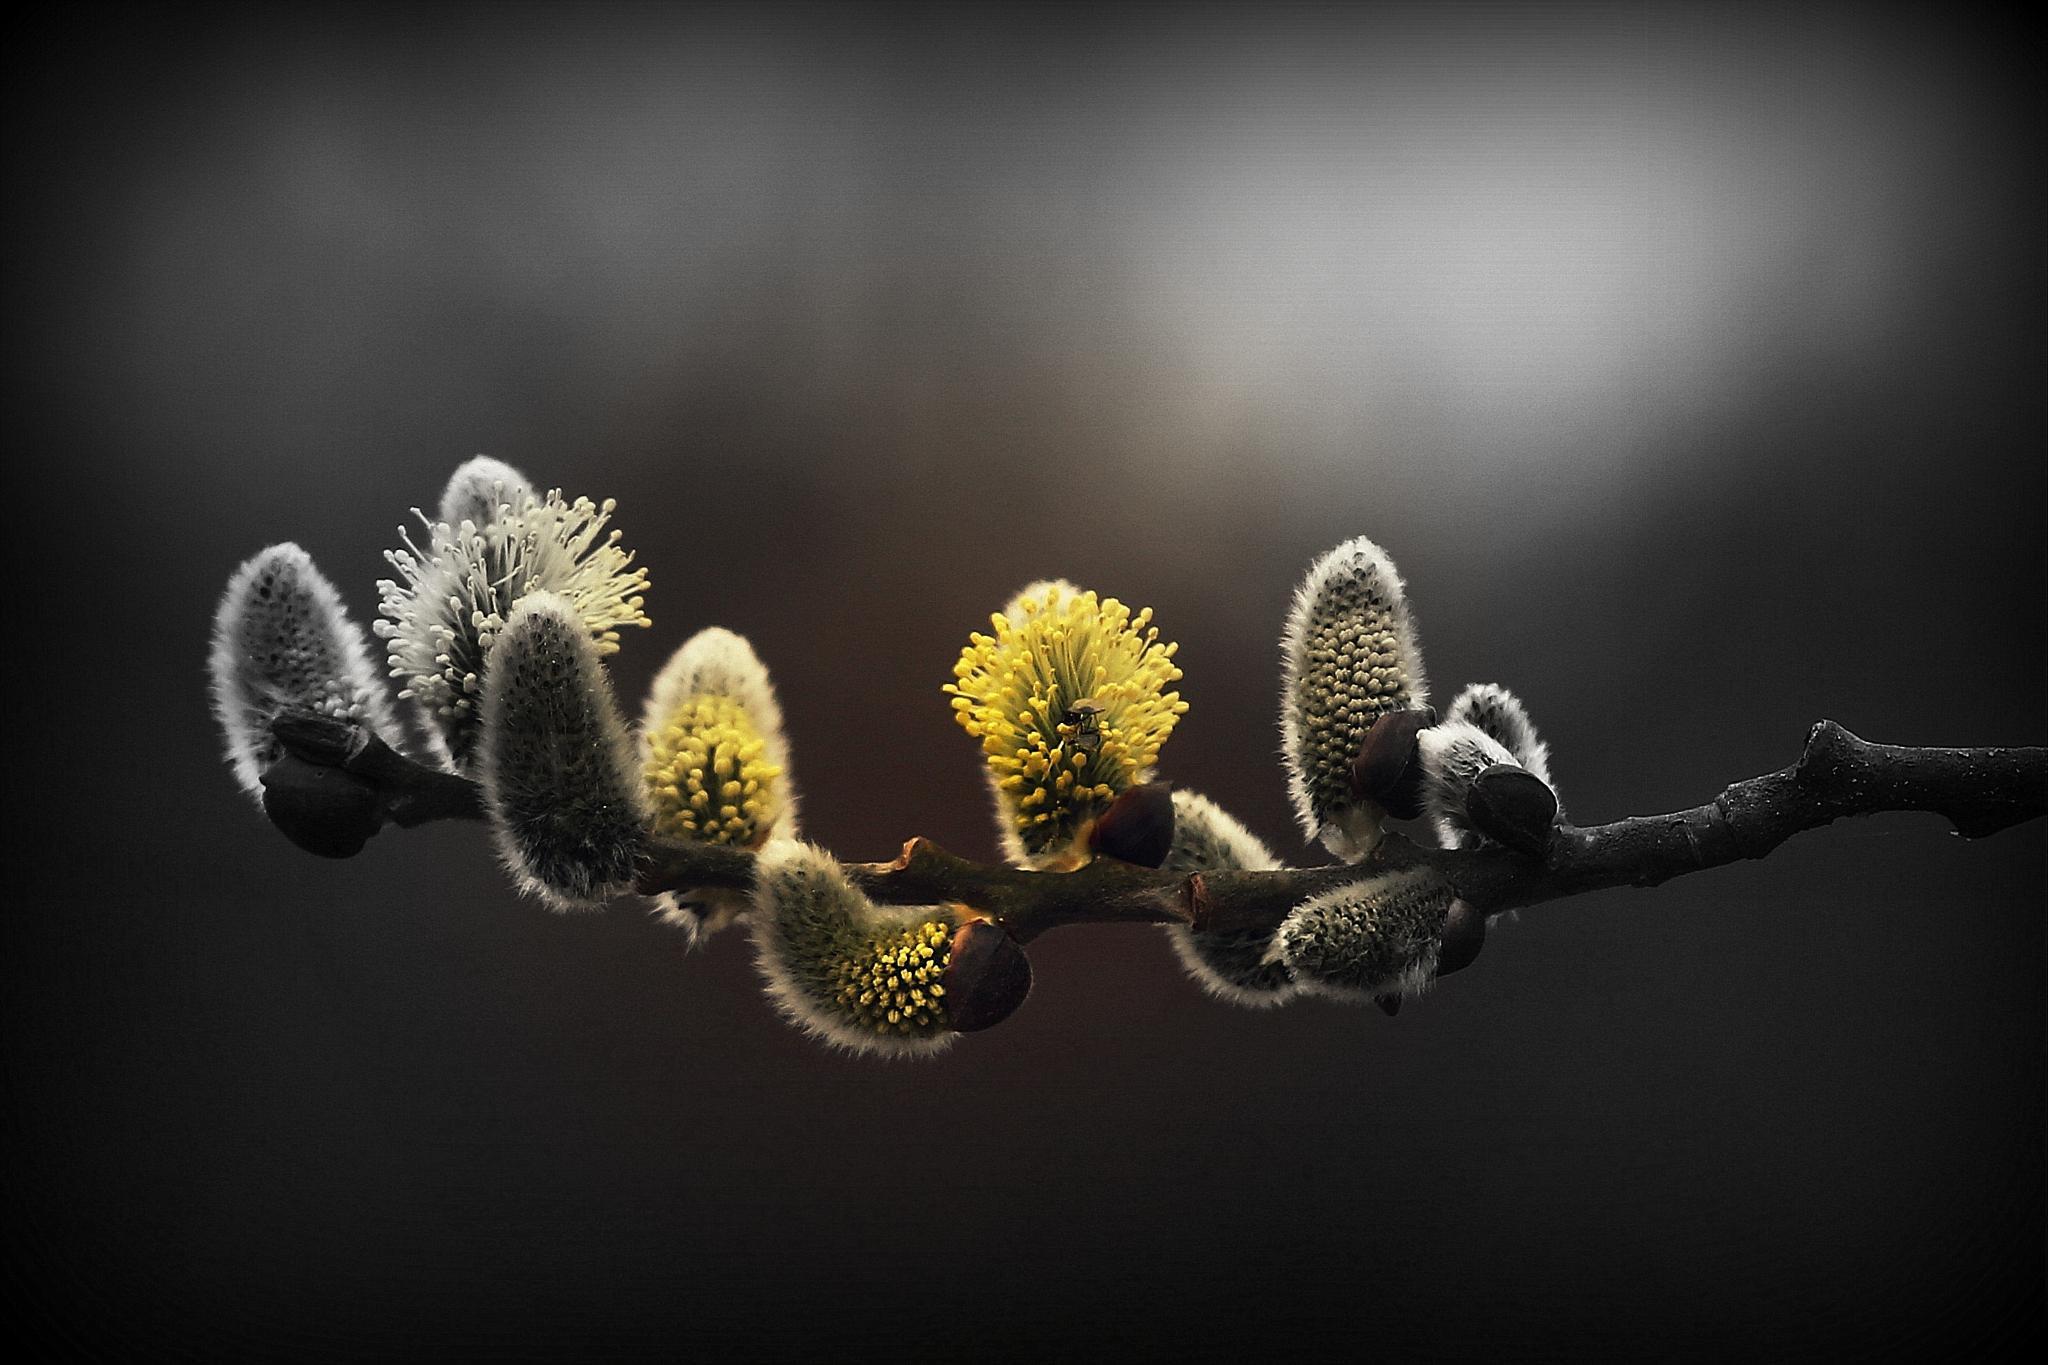 vejica v cvetu  by meteor14avgust